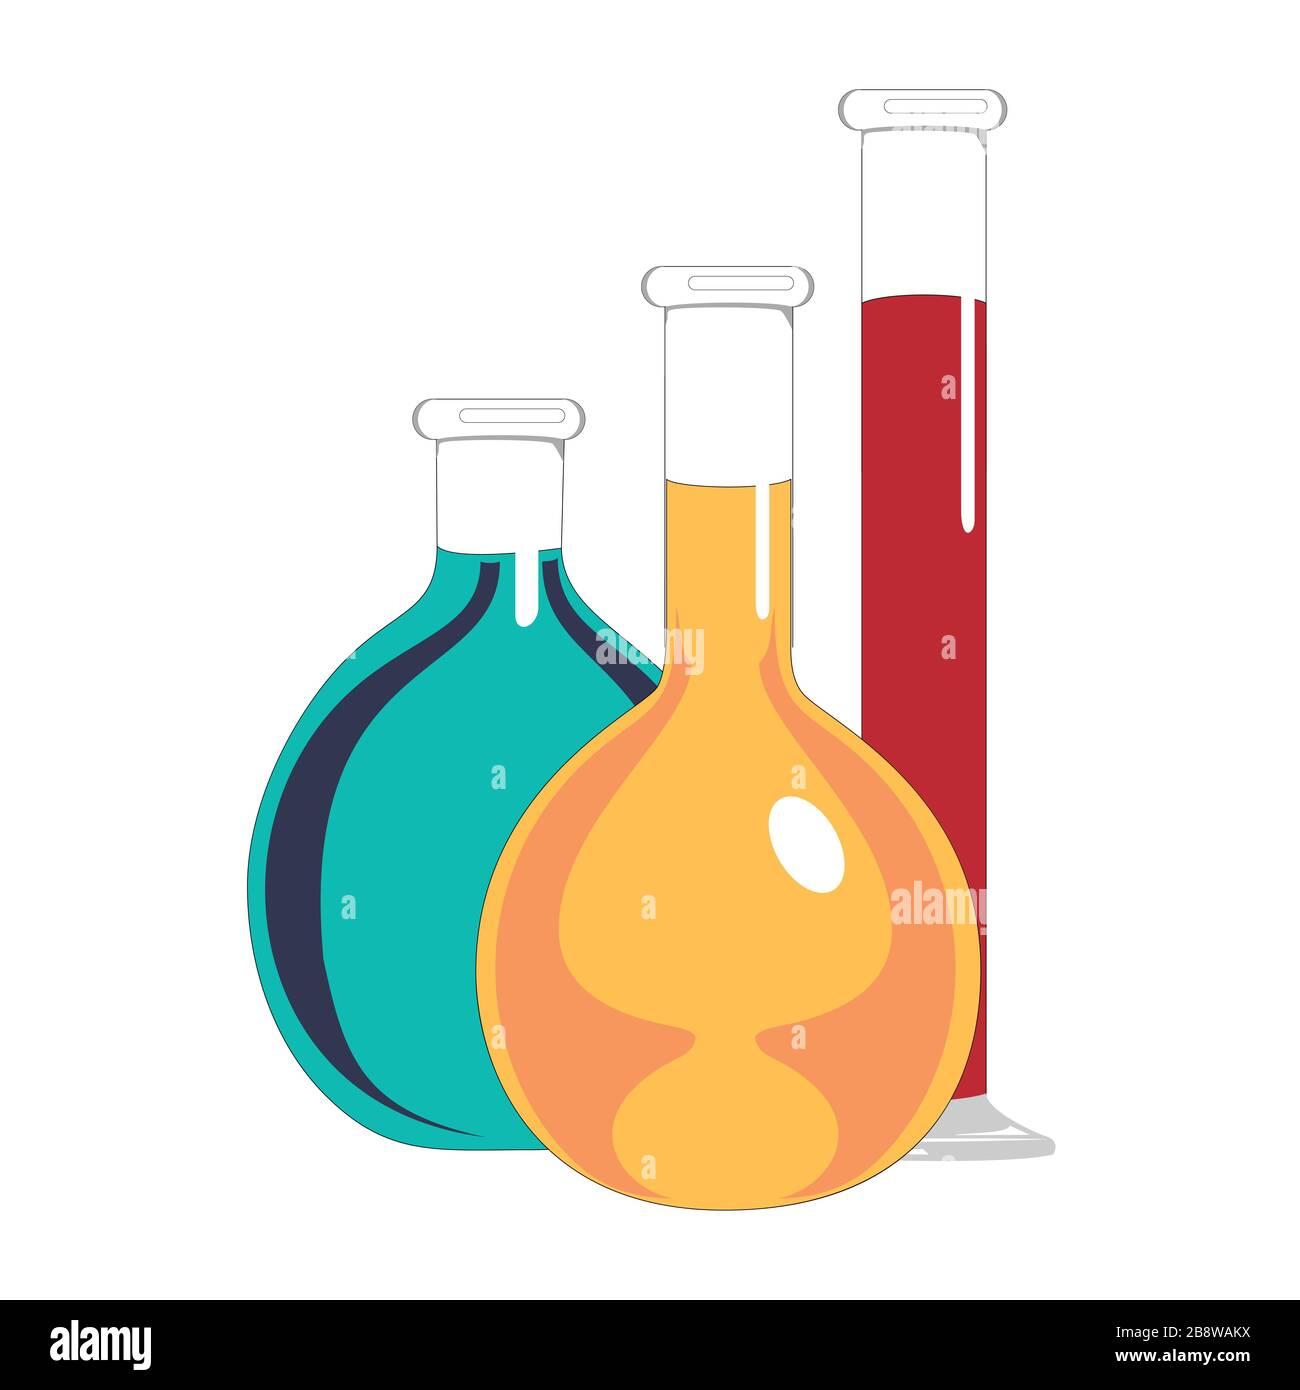 Matracci in vetro da laboratorio e provette con liquido blu, giallo e rosso. Esperimenti chimici e biologici. Illustrazione vettoriale in stile piatto. Illustrazione Vettoriale